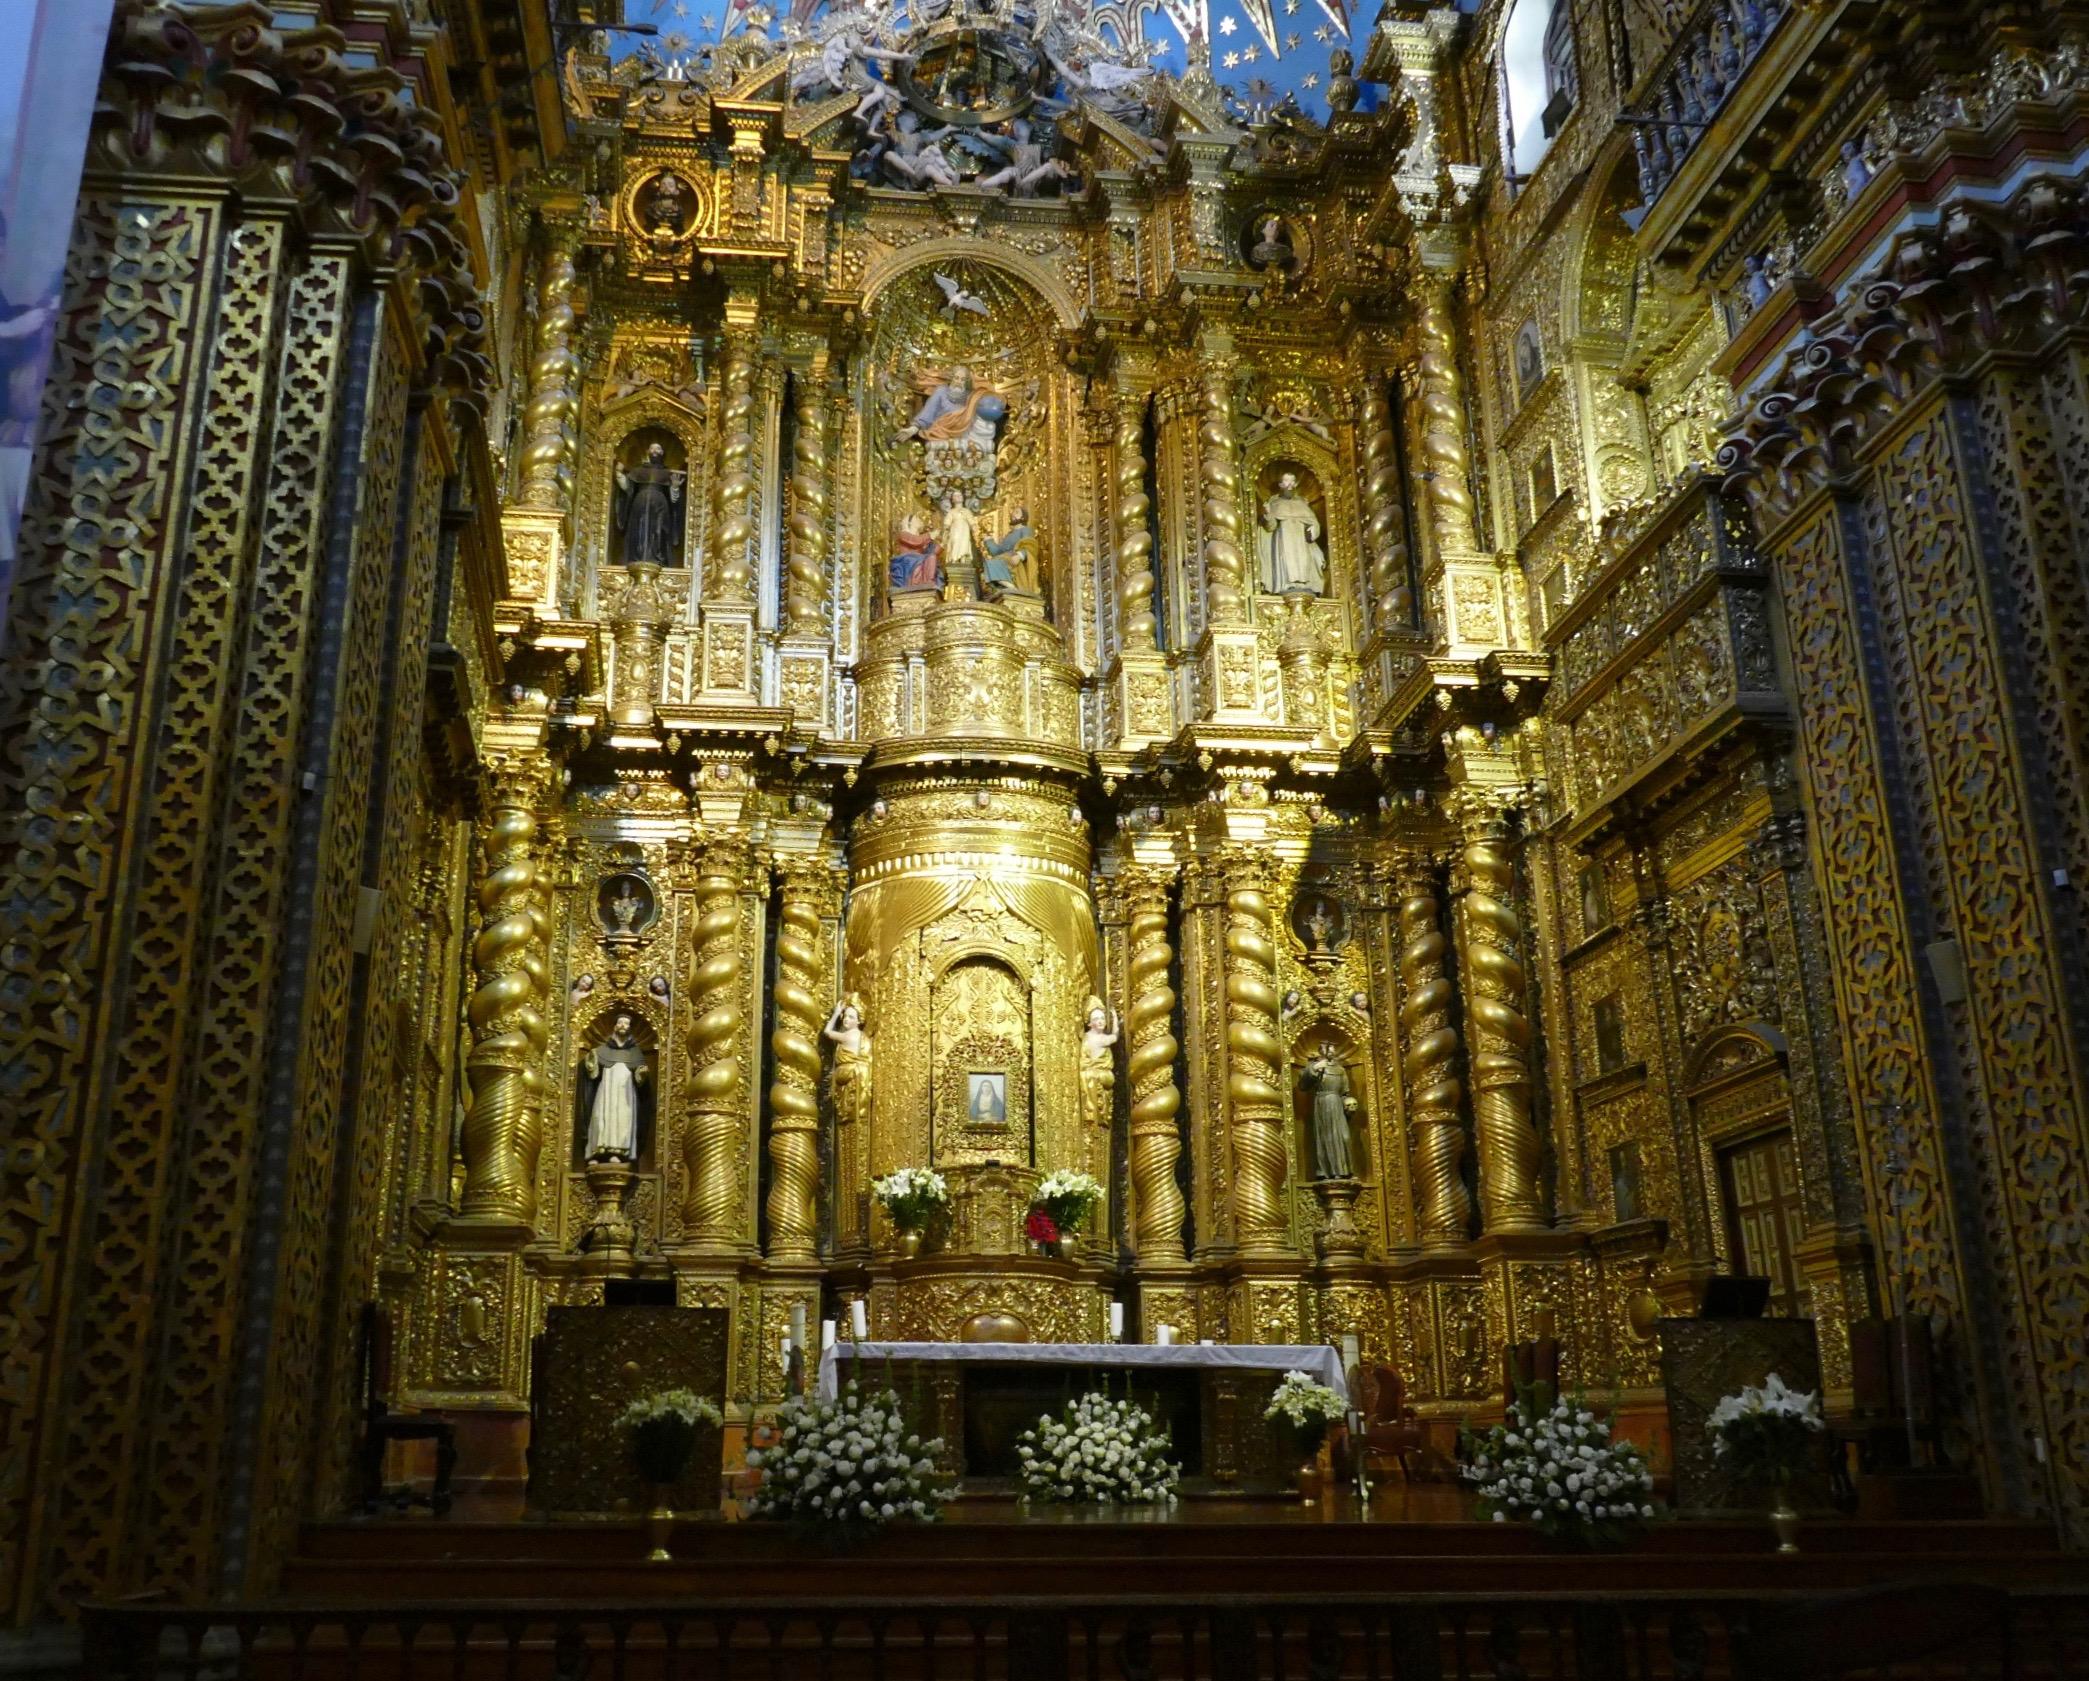 La compania, l'église la plus dorée du pays! Une visite à ne pas manquer.